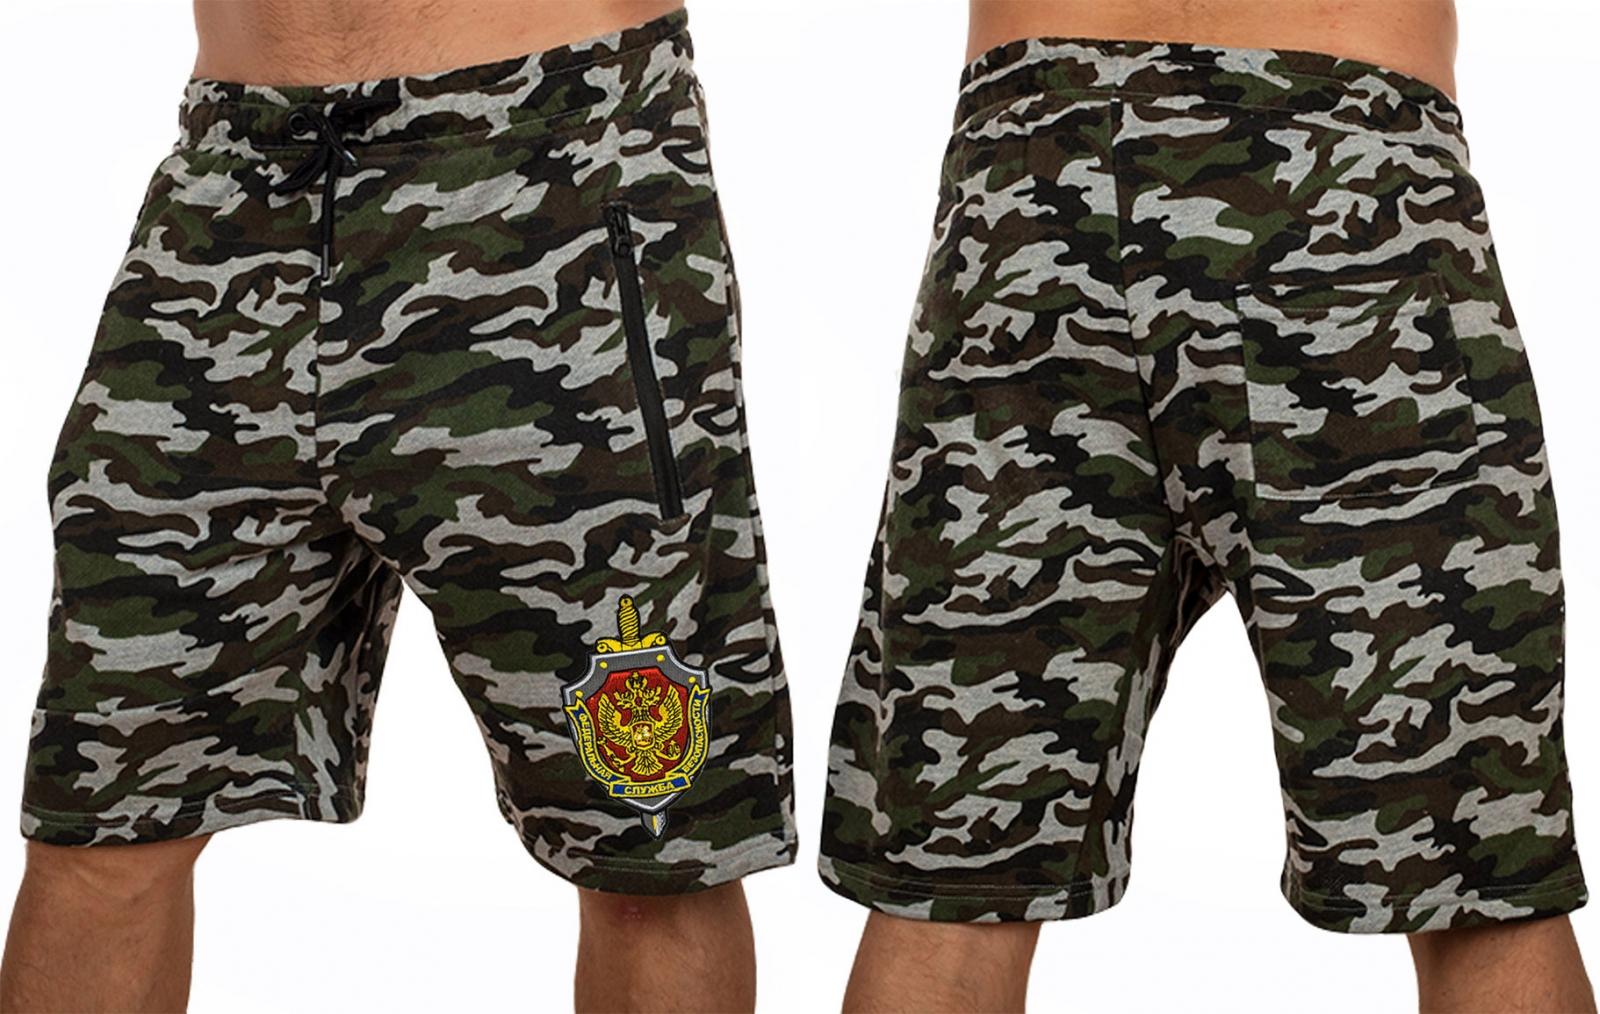 Стильные мужские шорты из камуфляжа купть в Военпро